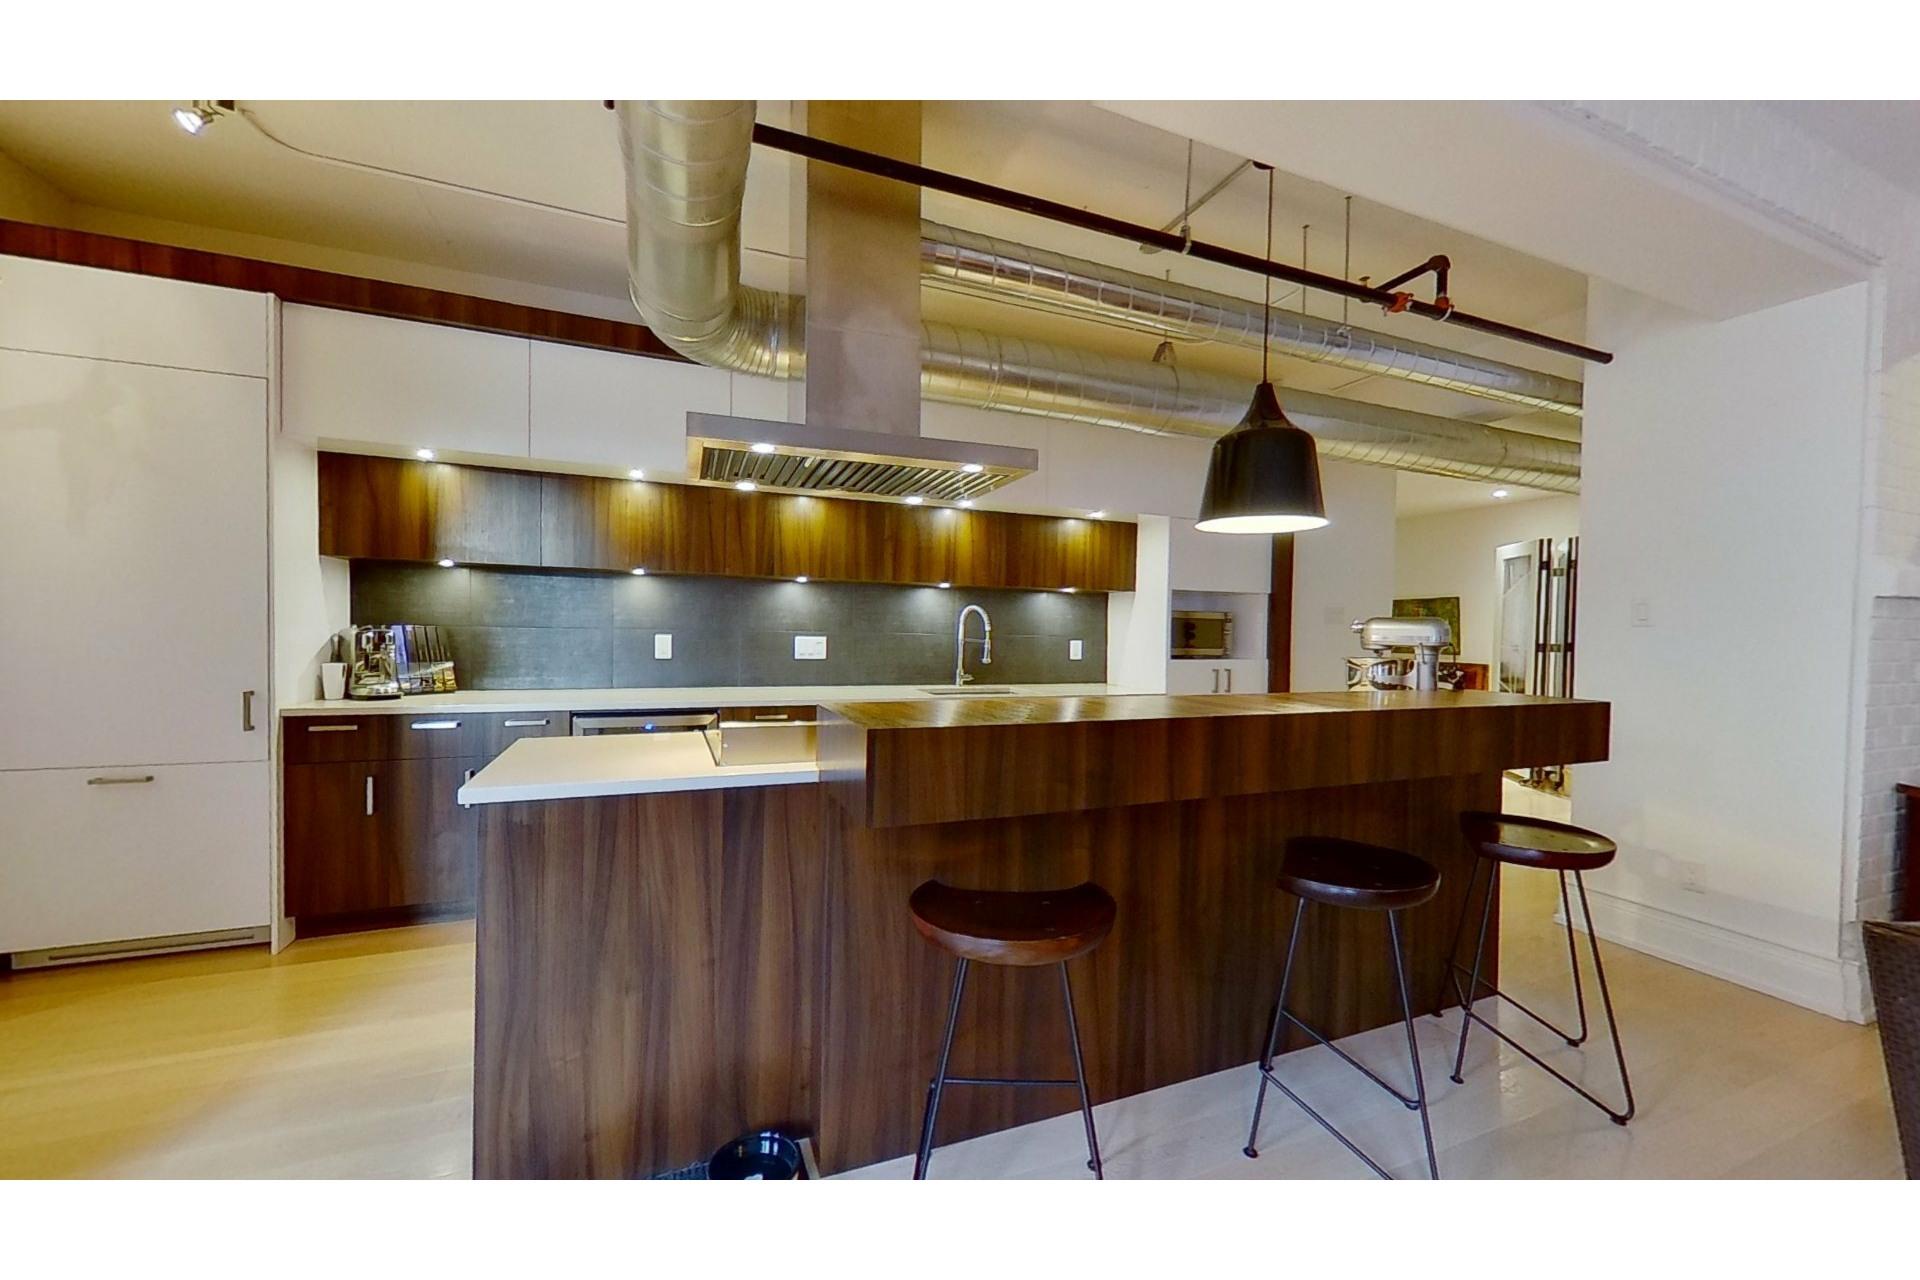 image 23 - Apartment For sale Ville-Marie Montréal  - 5 rooms